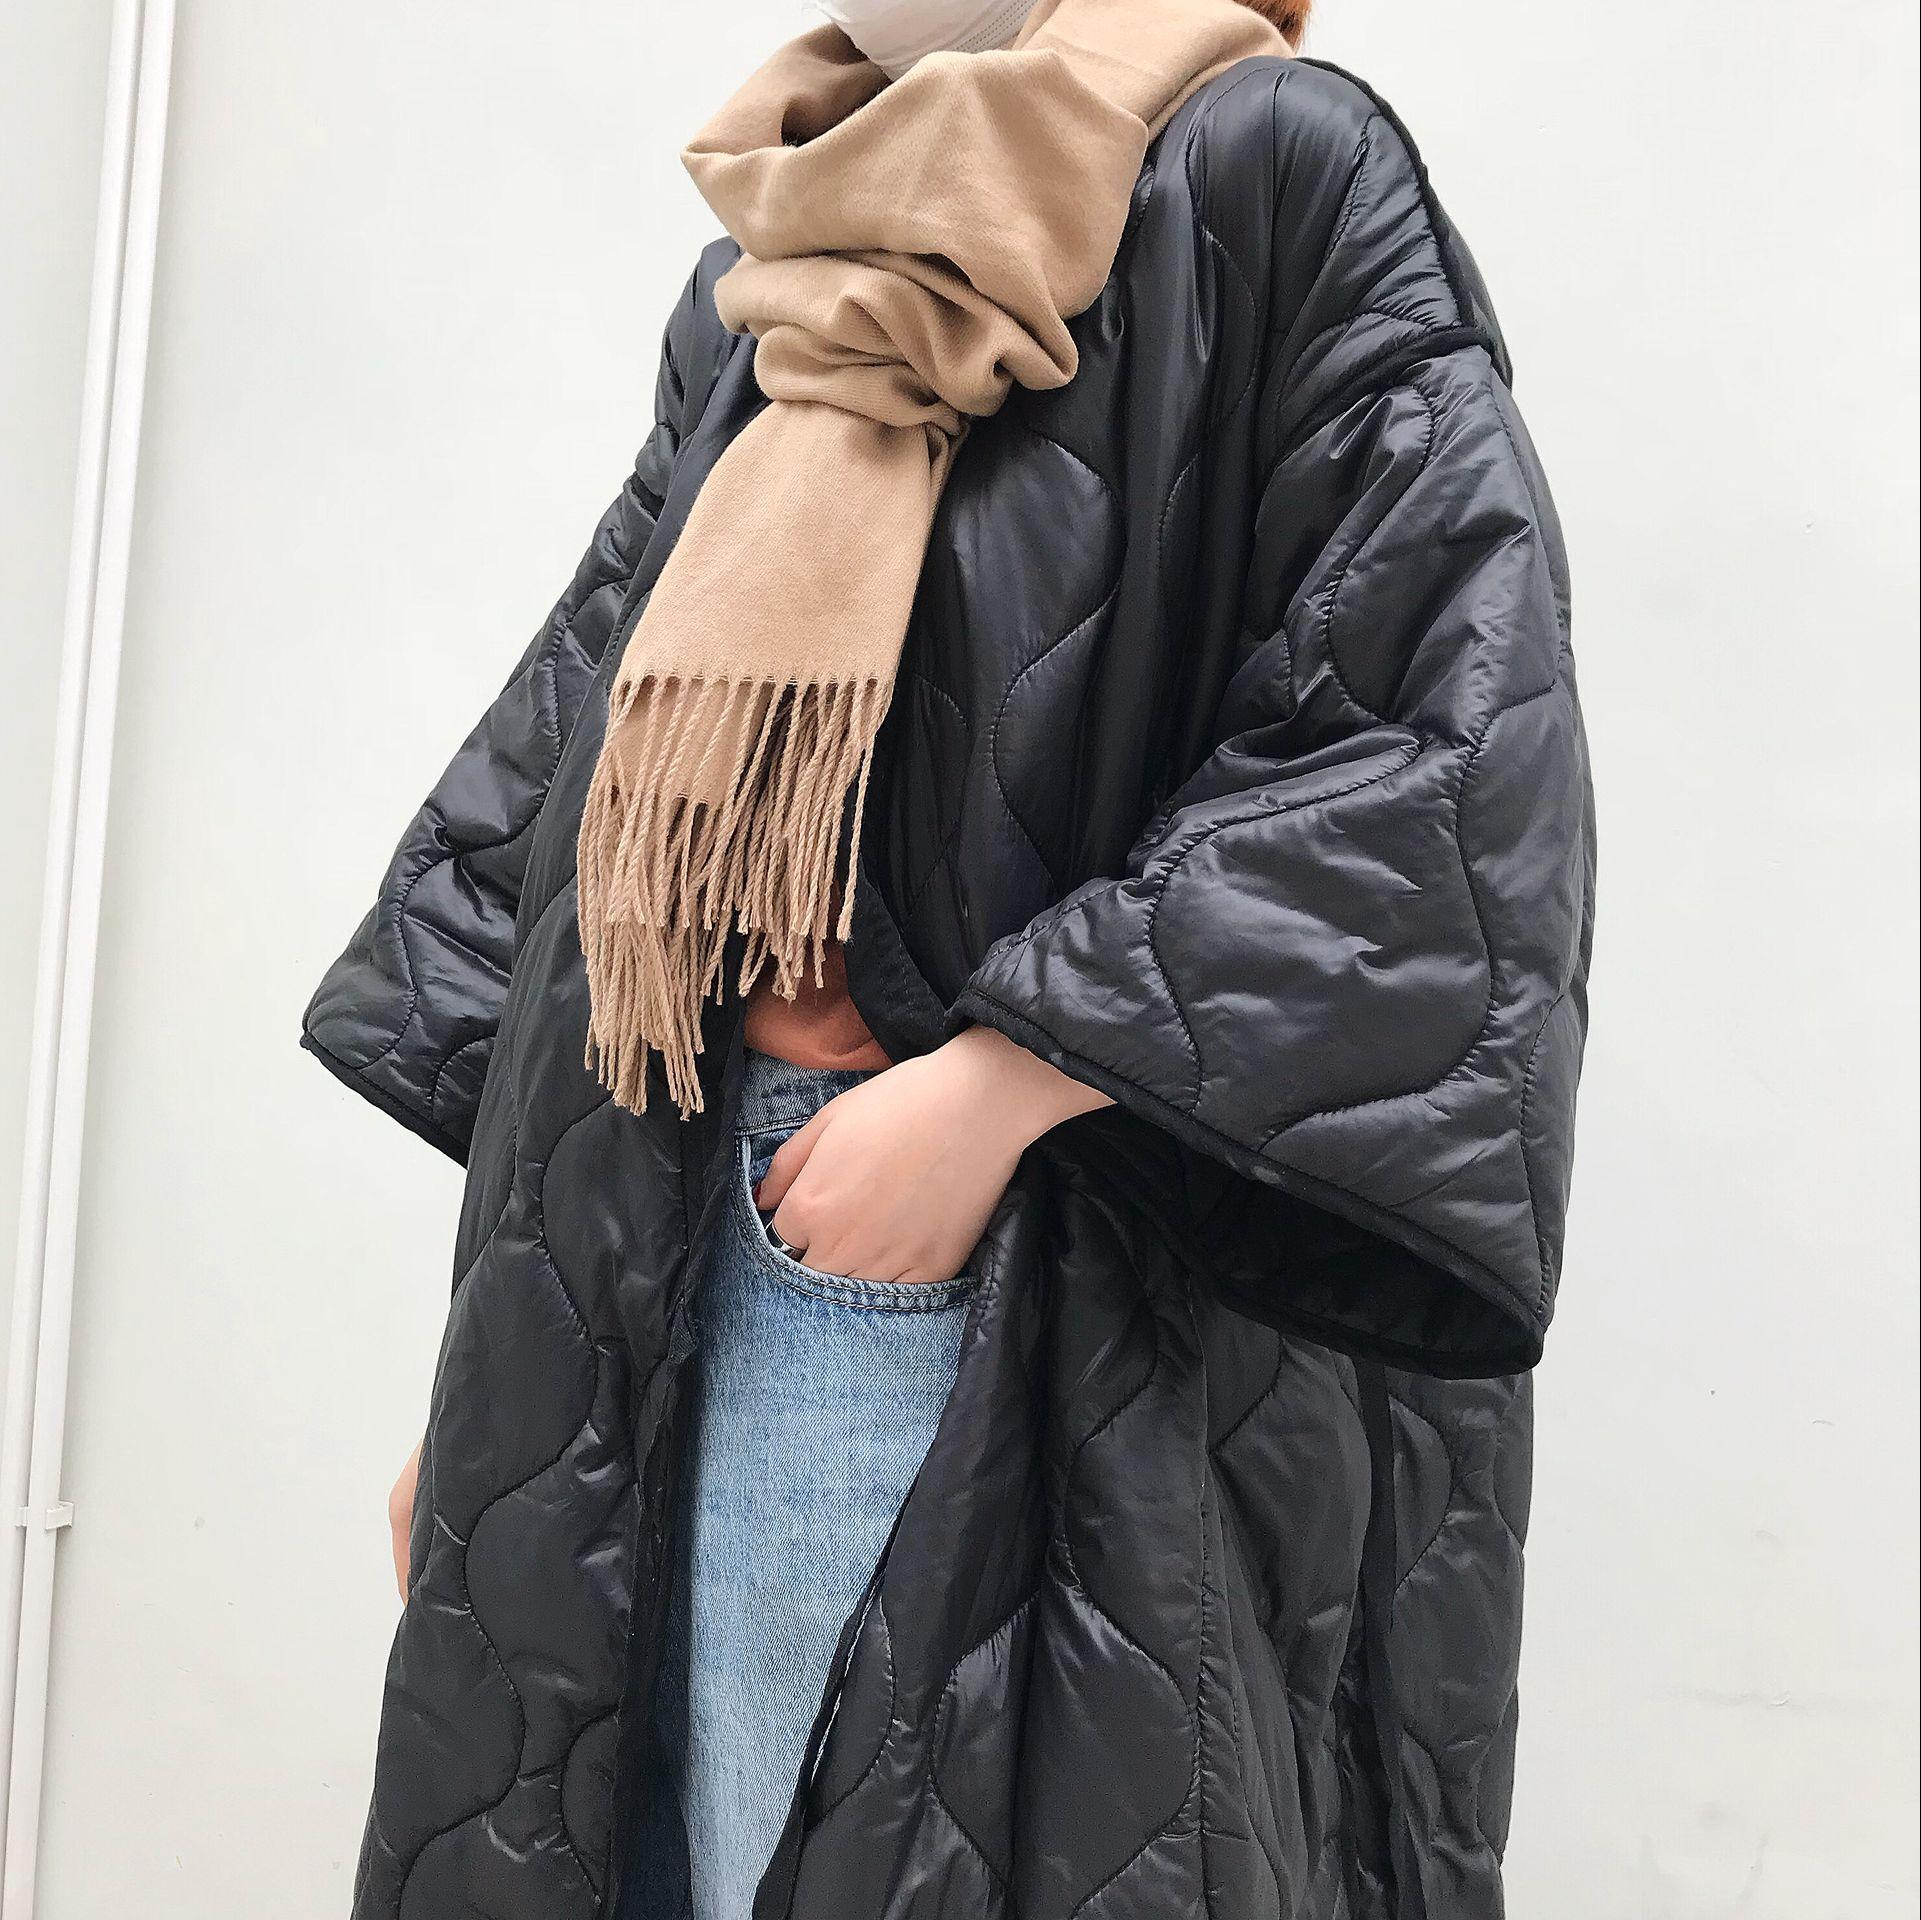 Gió tối mùa đông Nhật Bản kimono dây đai áo choàng lỏng áo dài bông áo khoác áo khoác nữ